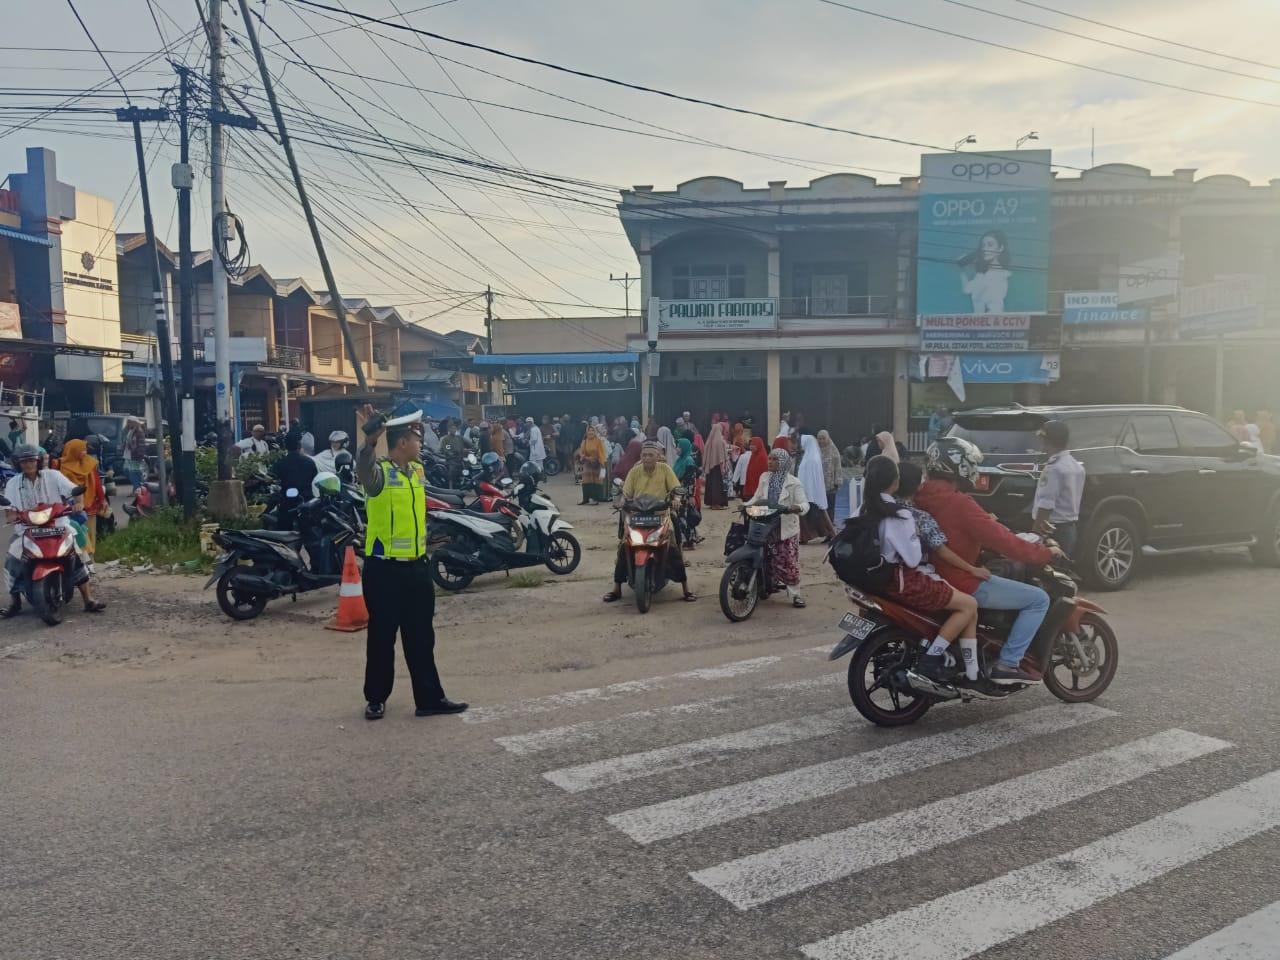 Untuk Keamanan, Polisi Lakukan Pengamanan Pembagian Ketupat Dalam Rangka Hari Jadi Kabupaten Ketapan